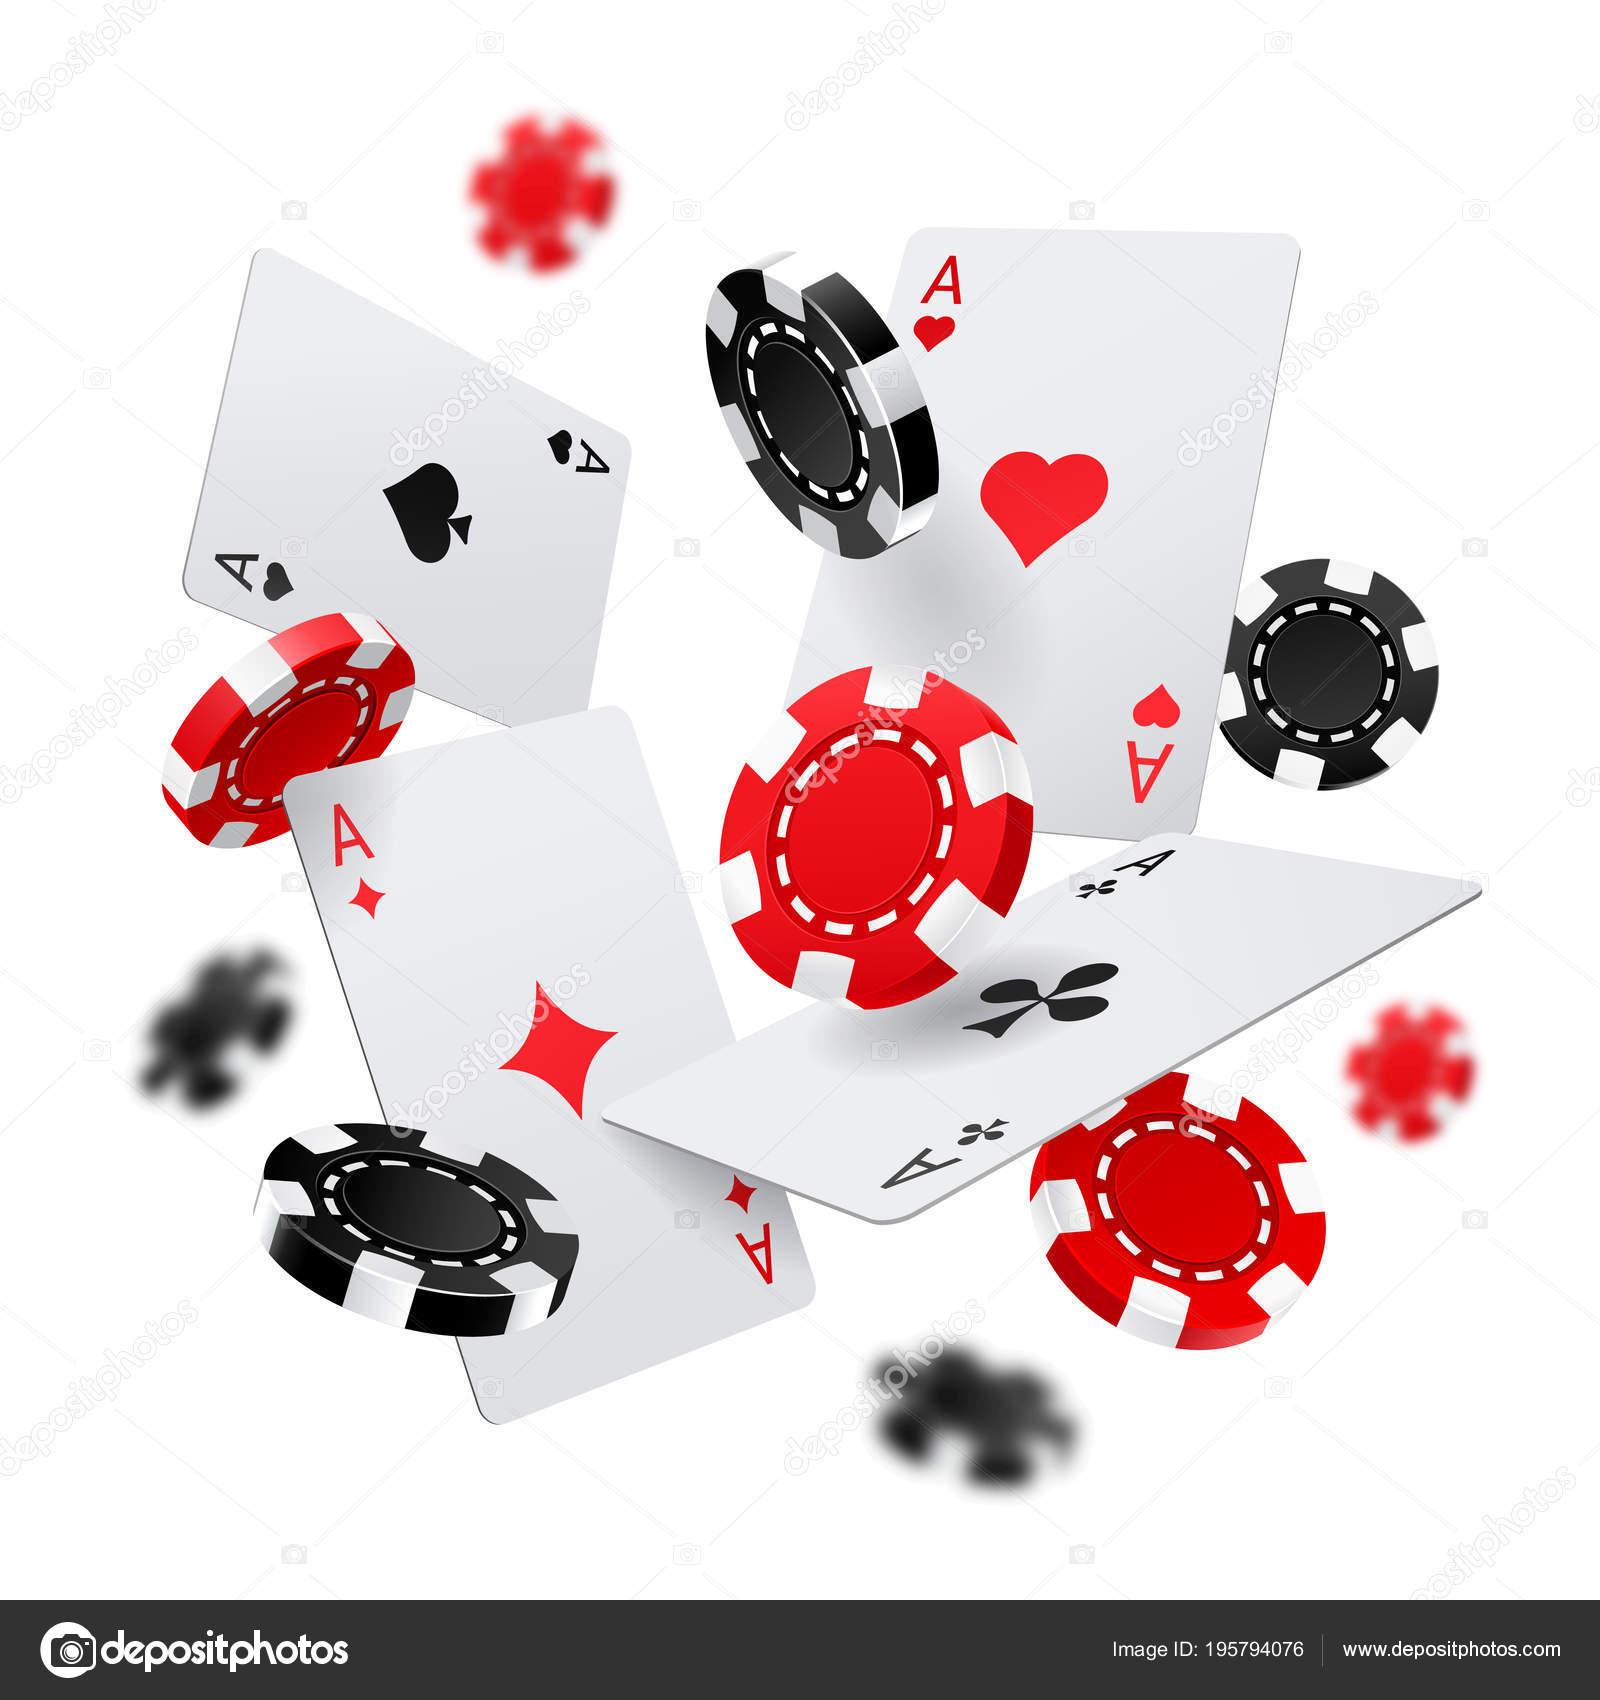 Några casino erbjuder VeraoJohn 282014